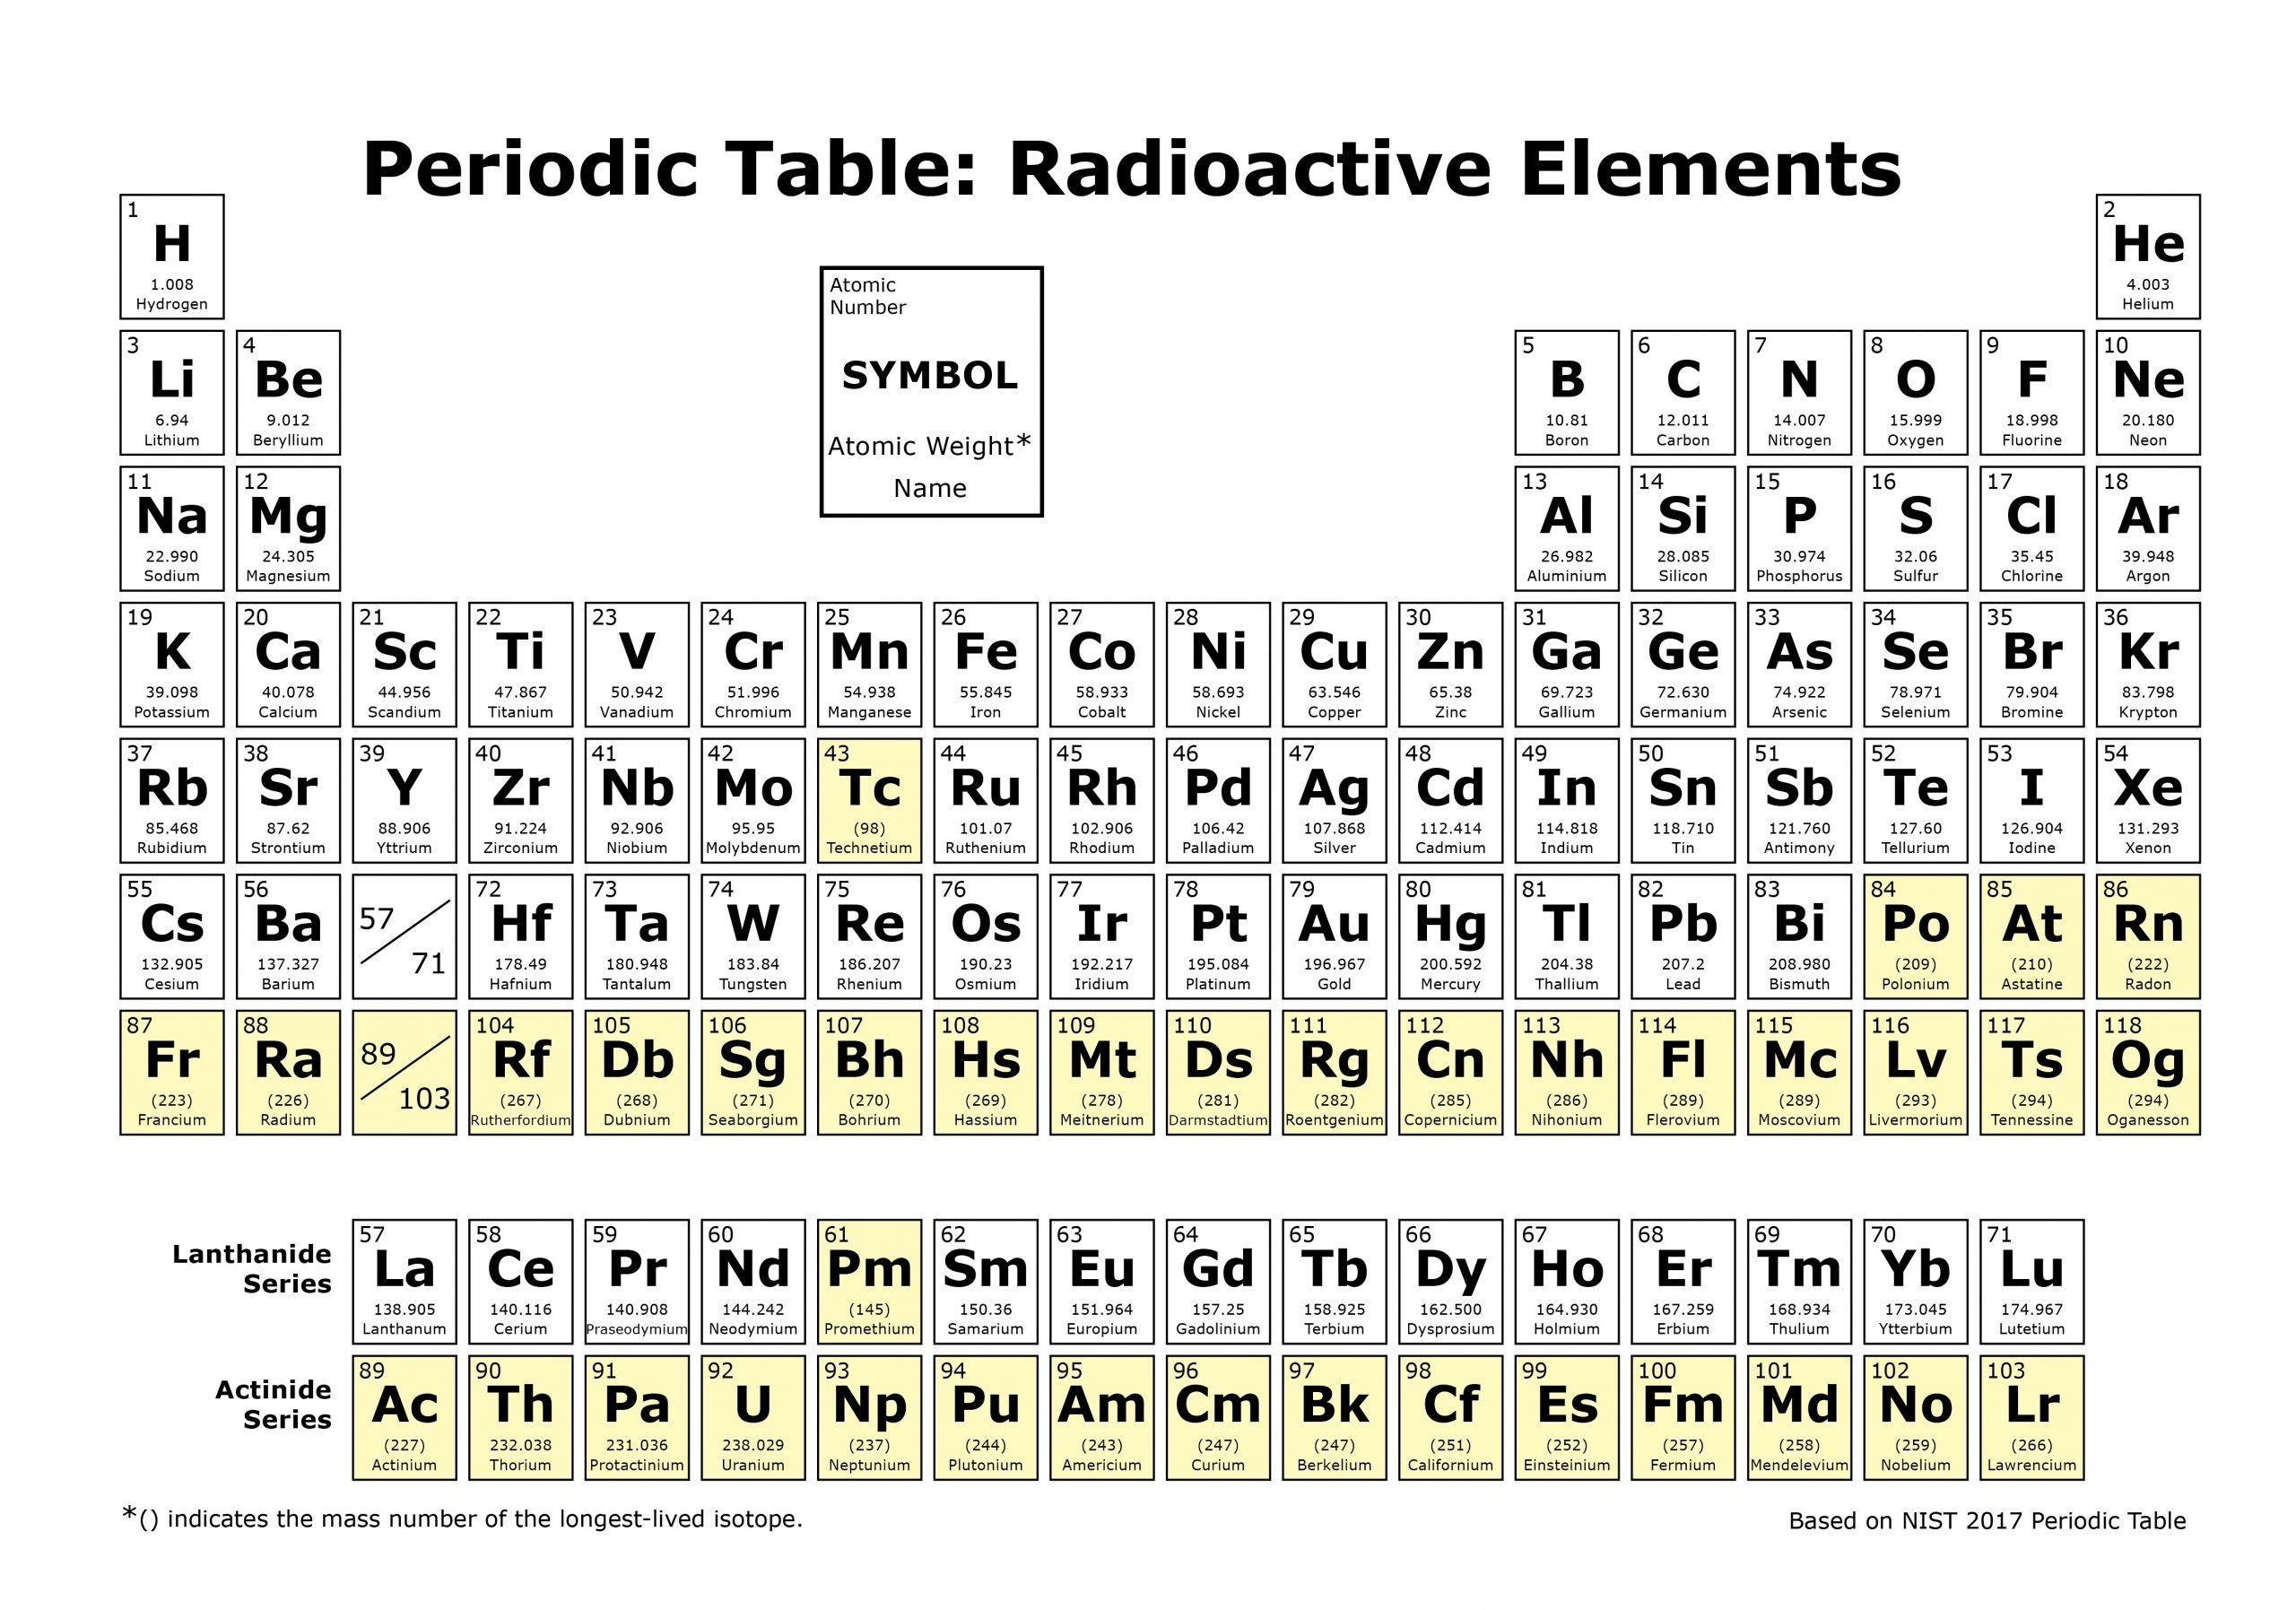 Tabela periódica de elementos radioativos